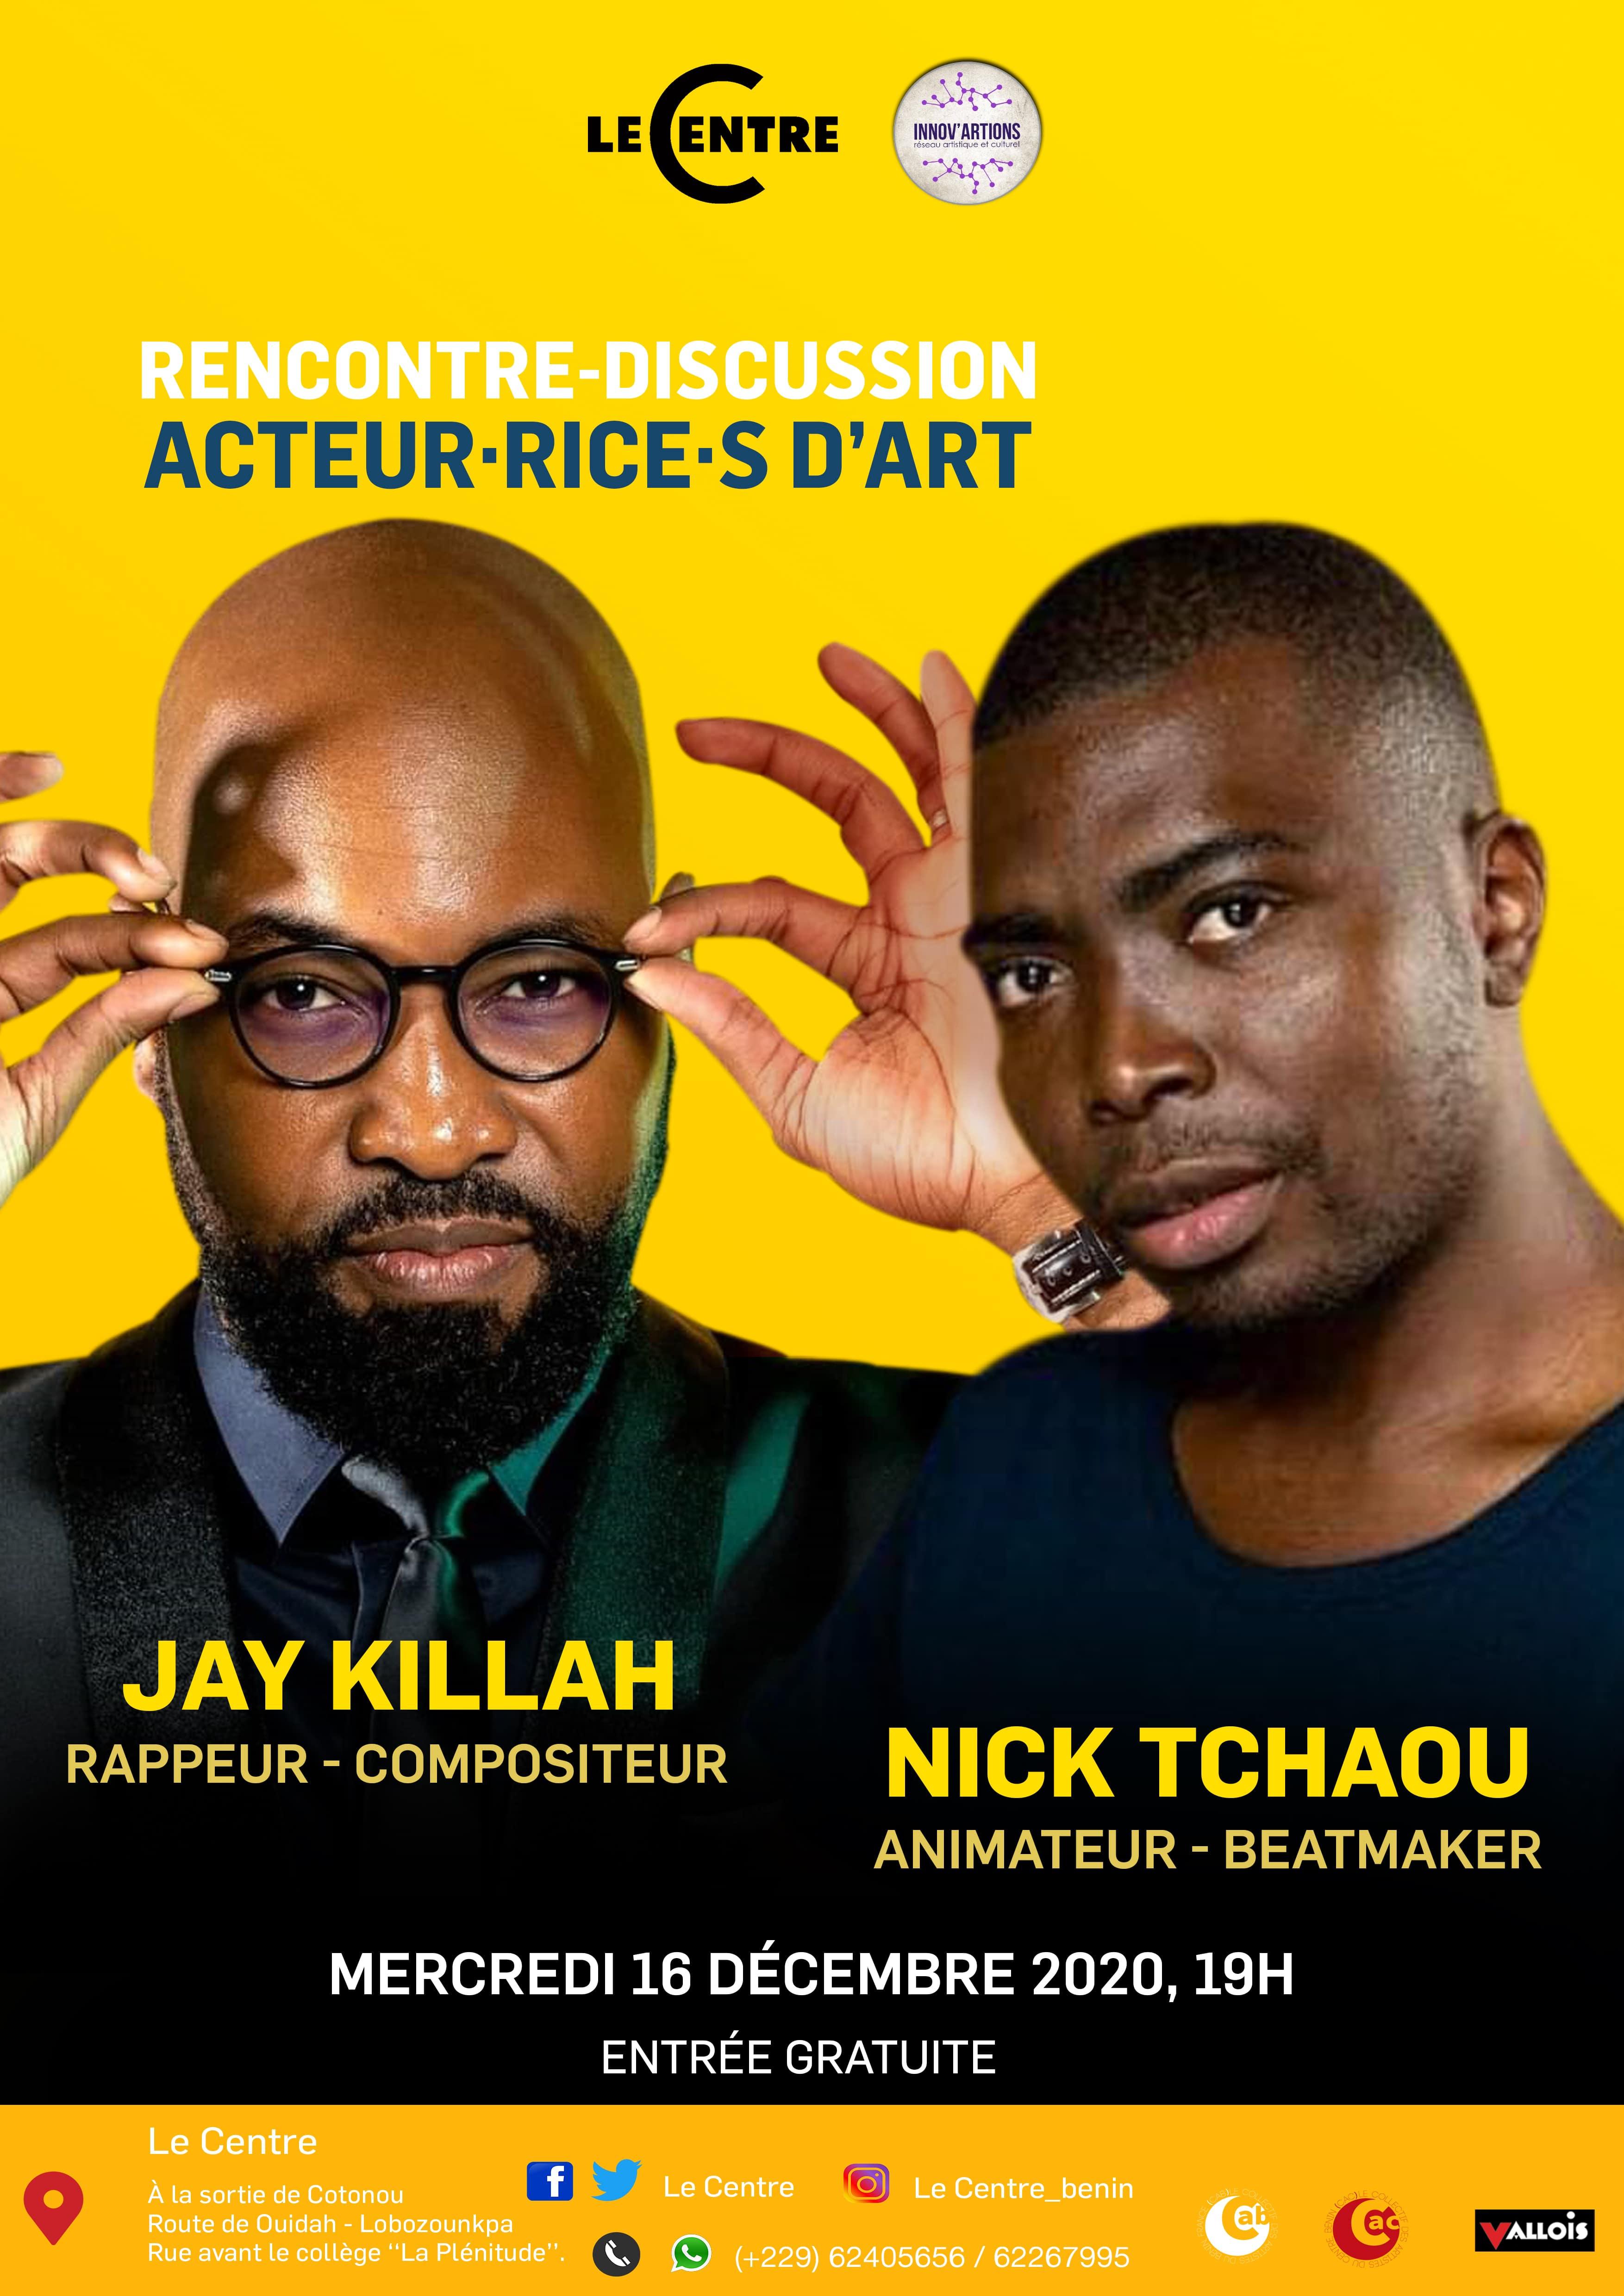 Acteur·rice·s d'art, Jay Killah & Nick Tchaou